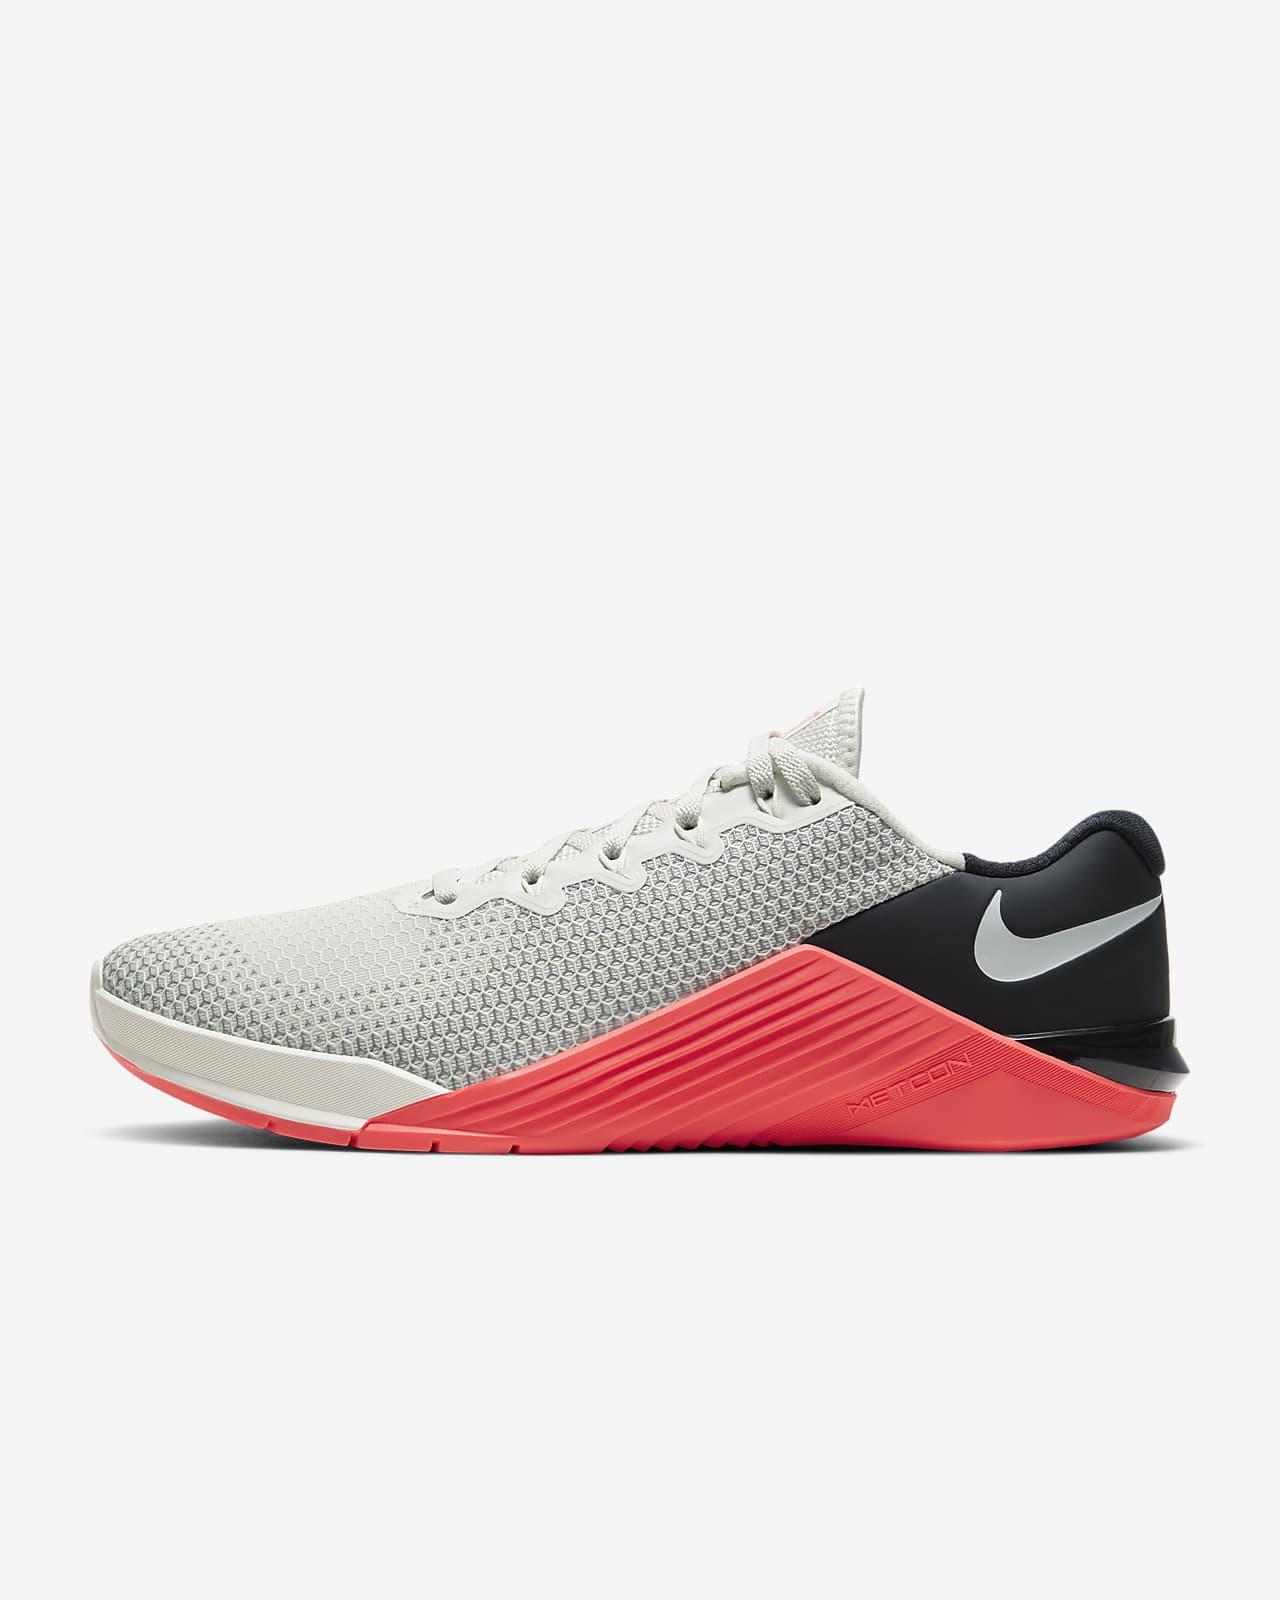 Nike Metcon 5 Men's Training Shoe. Nike LU